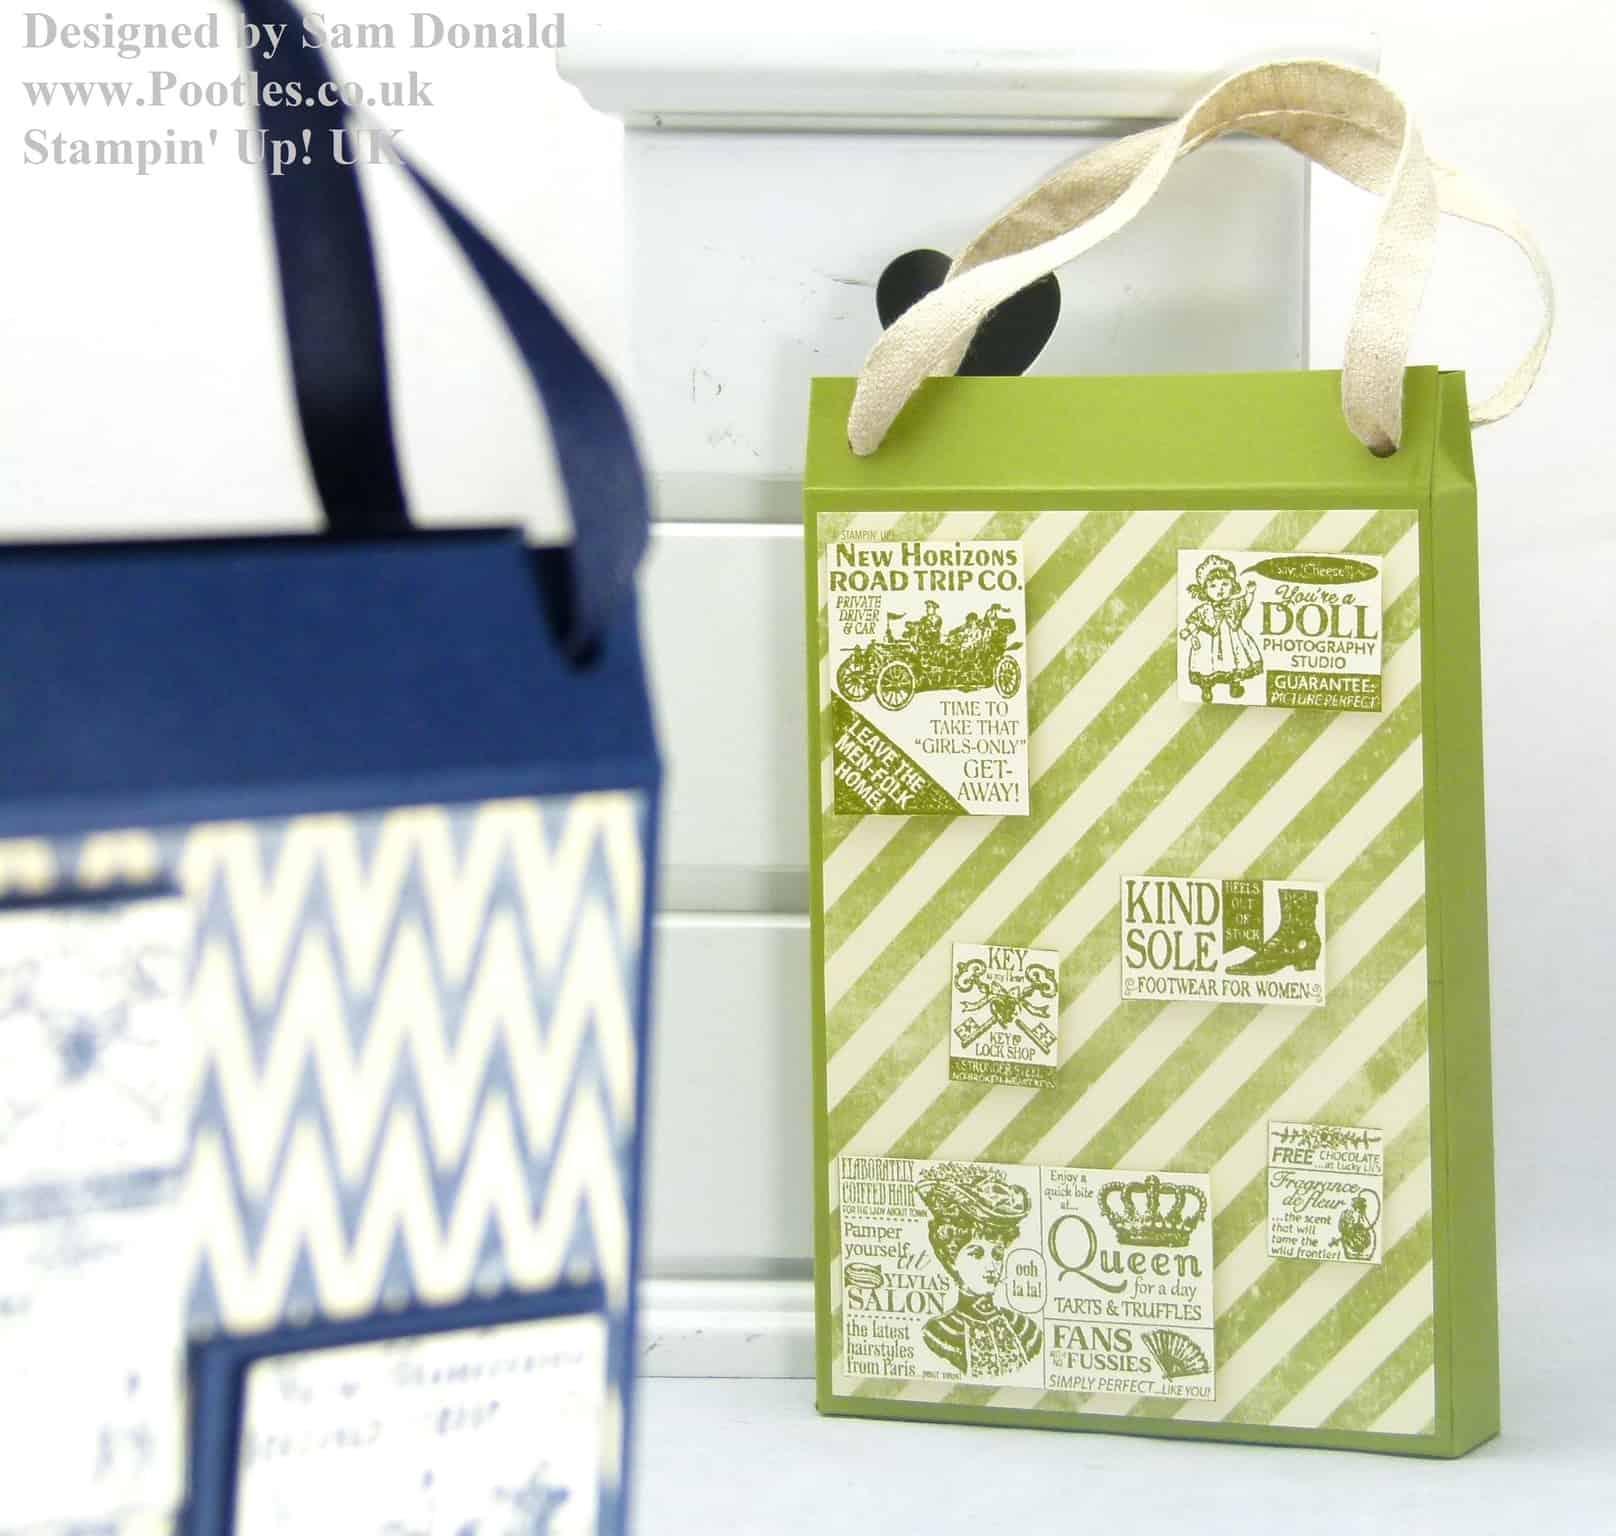 Pootles Stampin Up UK Shopping Bag Card Holder Tutorial 3